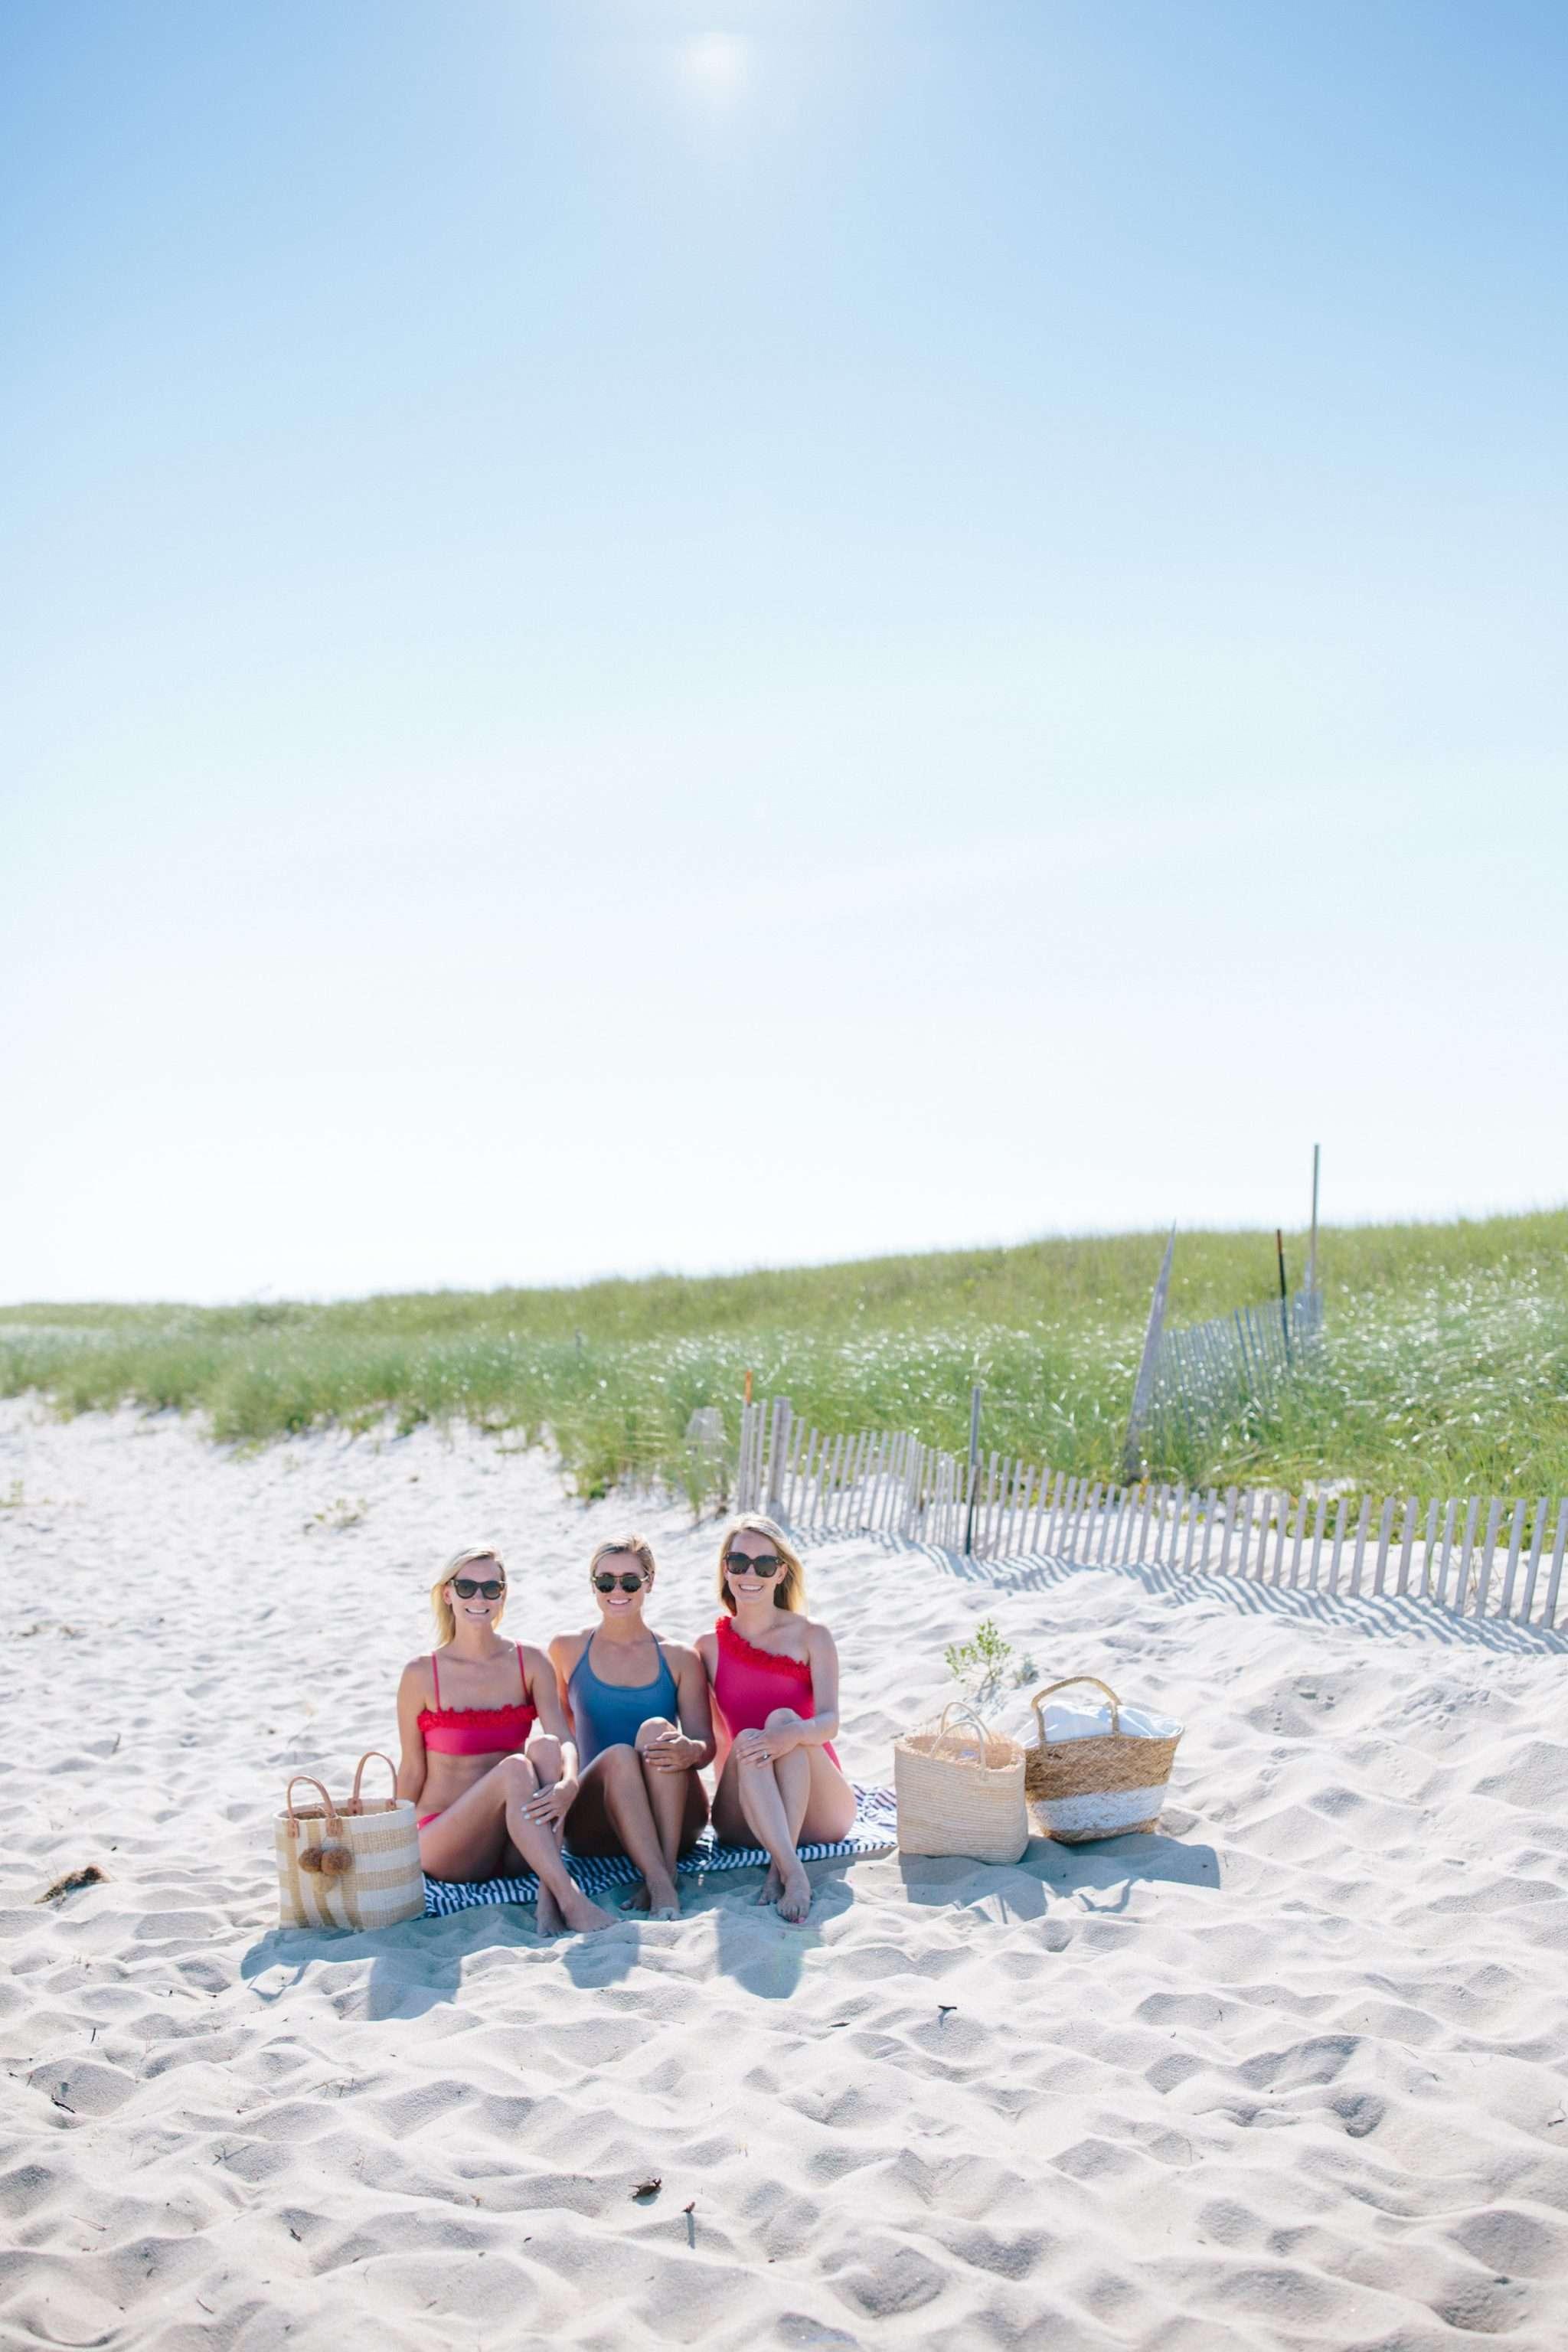 Beach Day at Surfside Beach // Rhyme & Reason